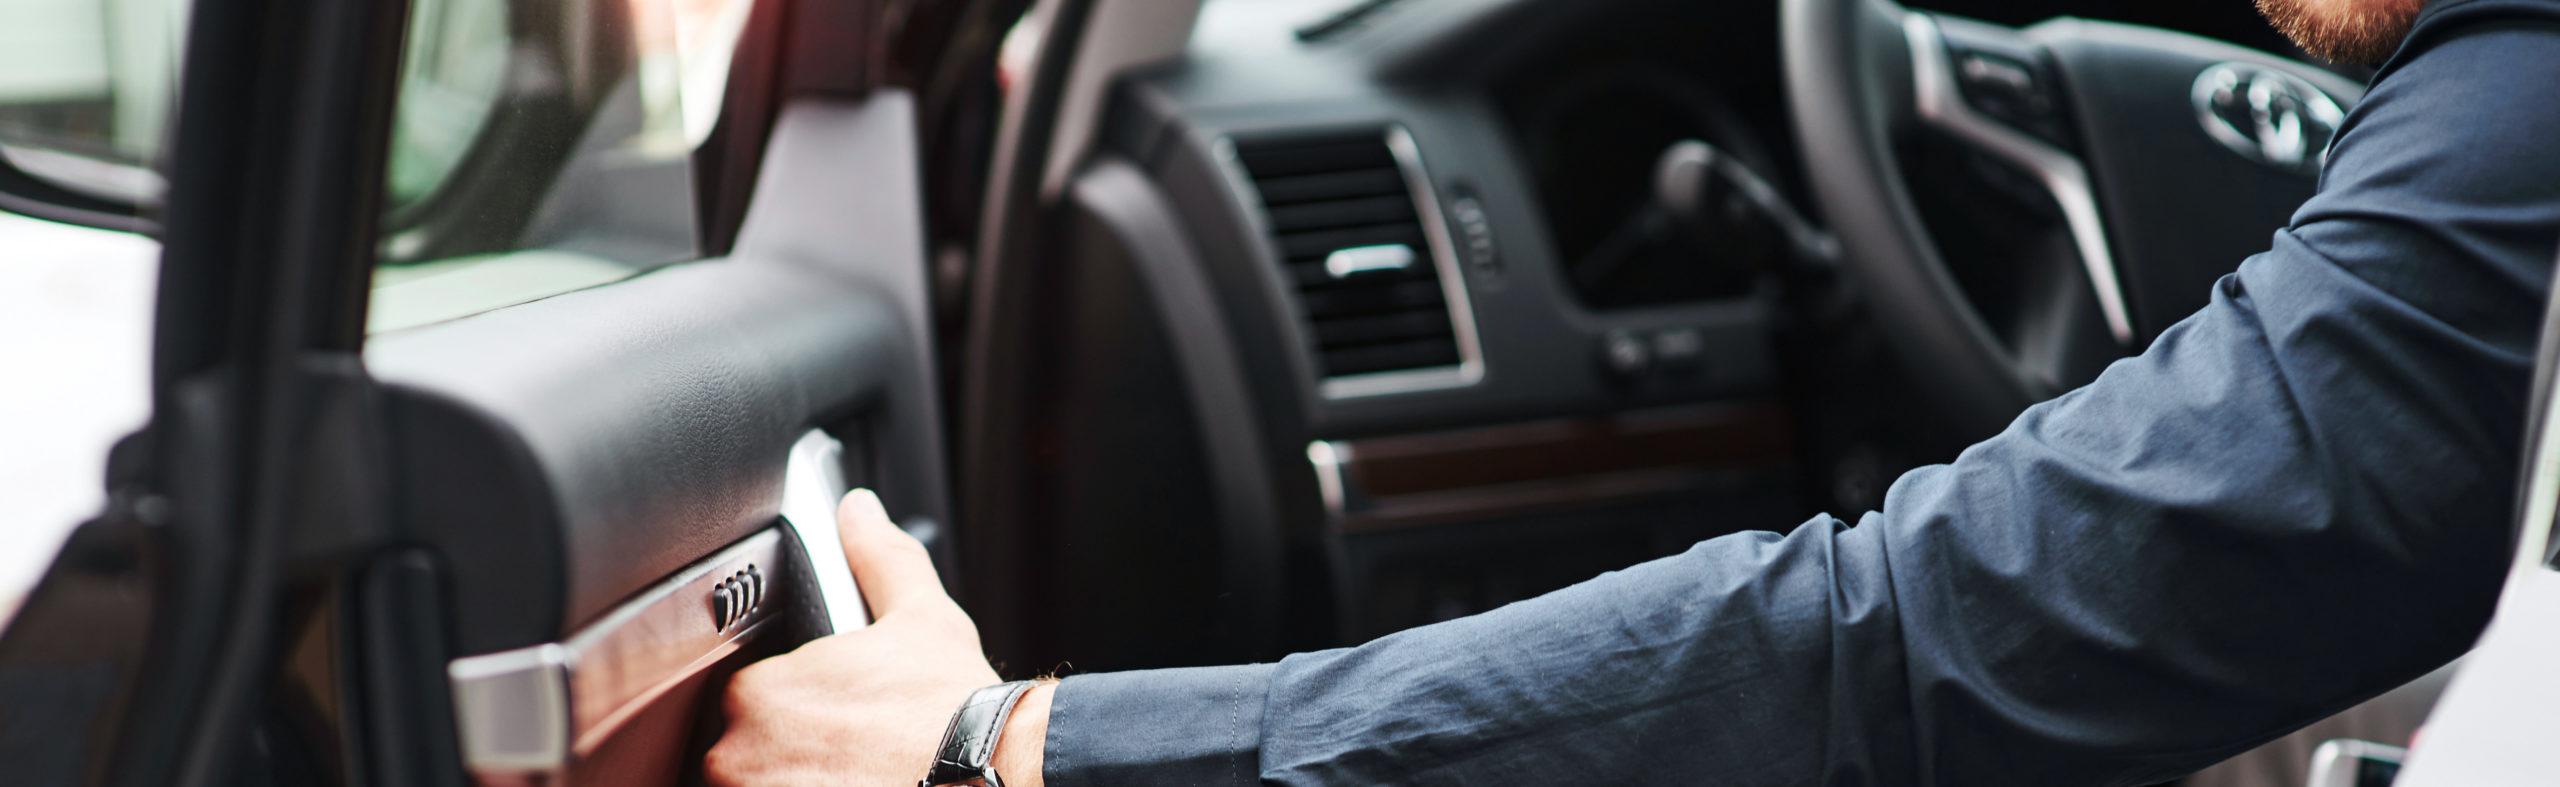 Renting: la nueva modalidad de alquiler de vehículos y sus ventajas